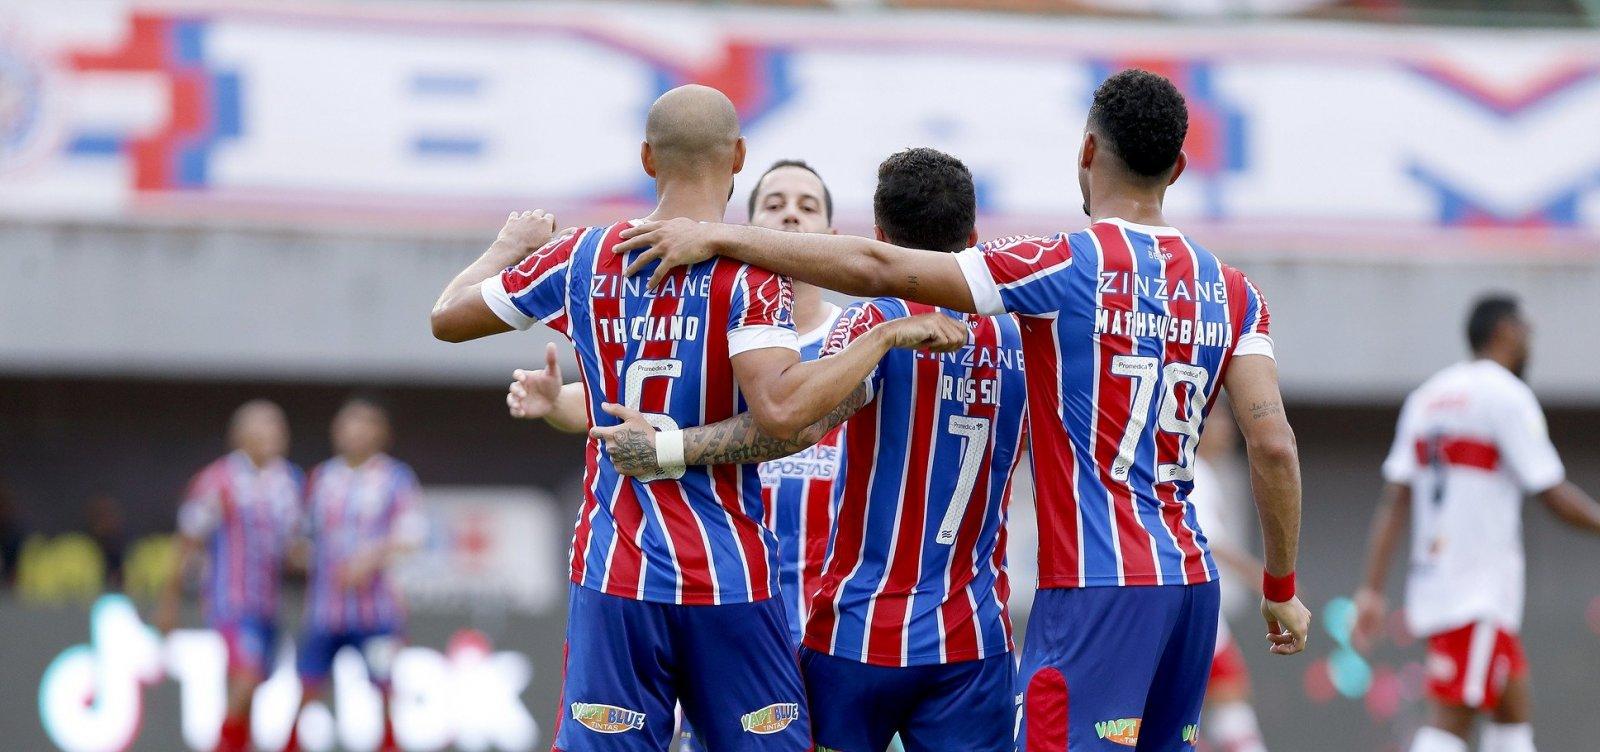 Bahia vence CRB por 4 a 0 e conquista vaga na semifinal da Copa do Nordeste